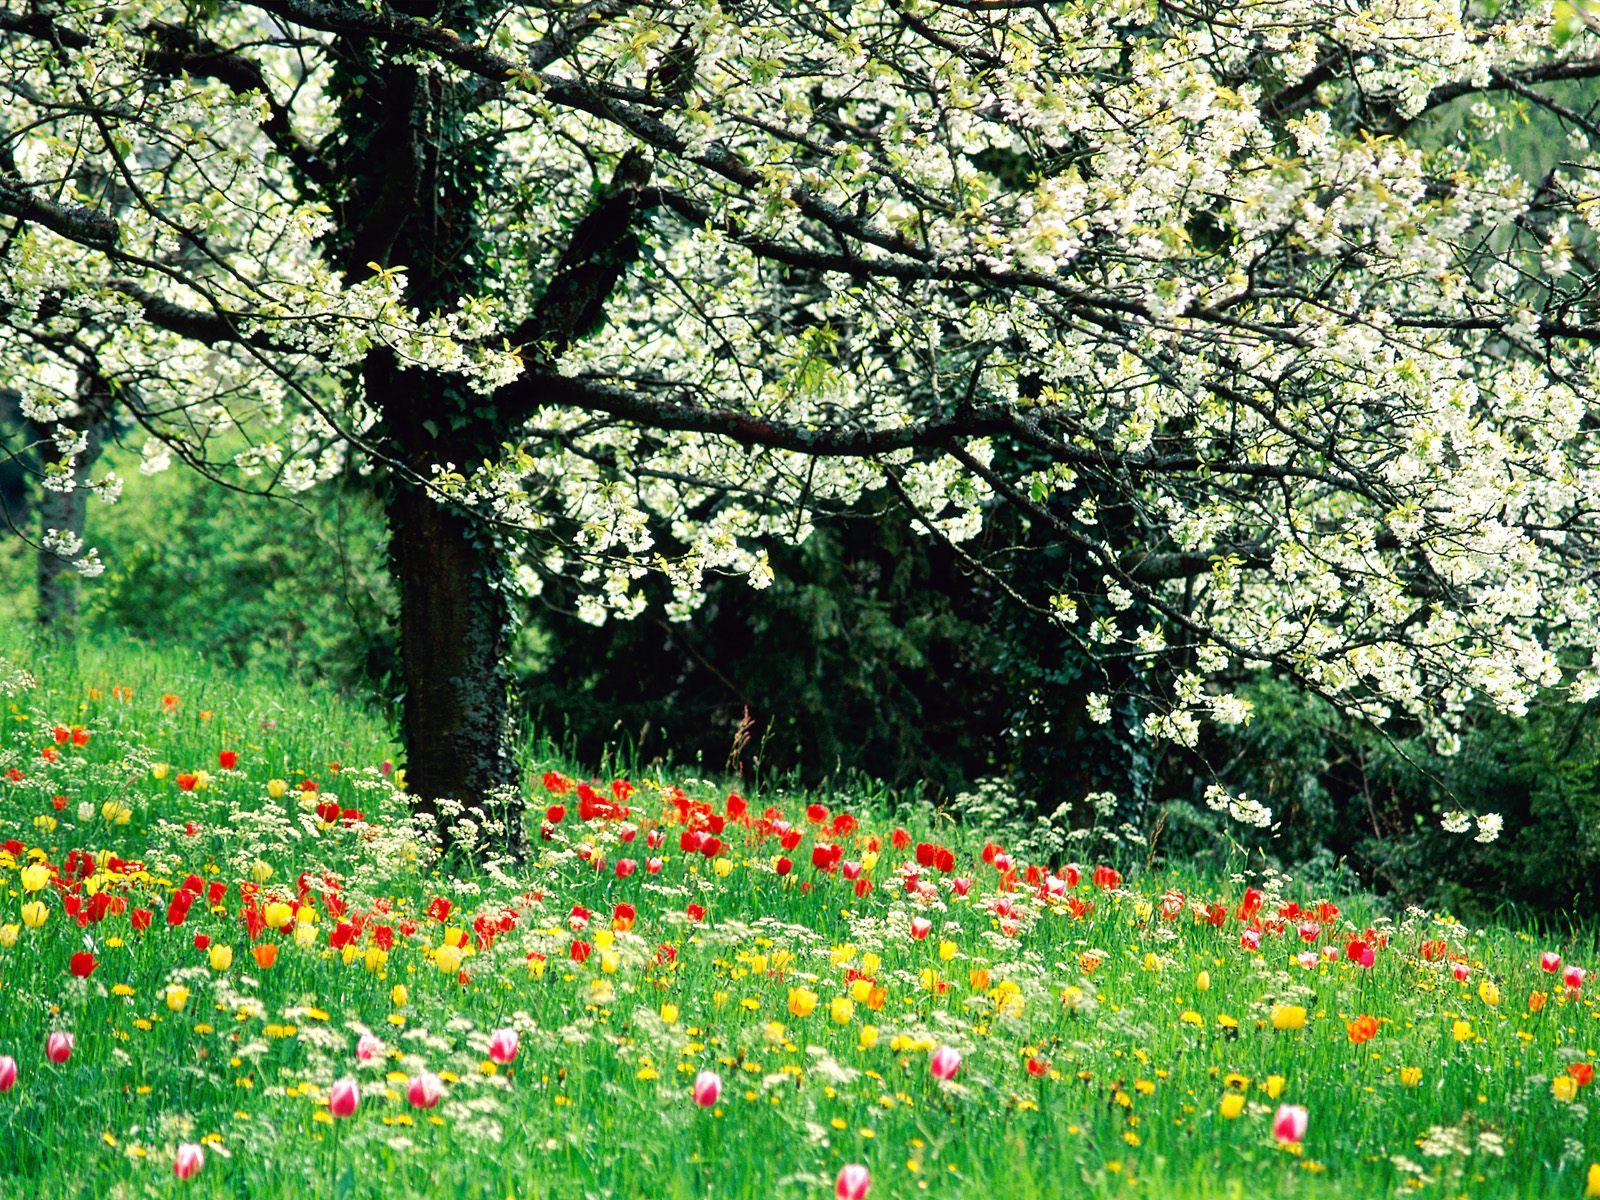 http://3.bp.blogspot.com/-Pet_cwv0txg/TaWxizEKkjI/AAAAAAAACAs/psdtqIPnClQ/s1600/spring+wallpapers_%255Bwww.thewallpaperdb.blogspot.com+%255D_+%252845%2529.jpg